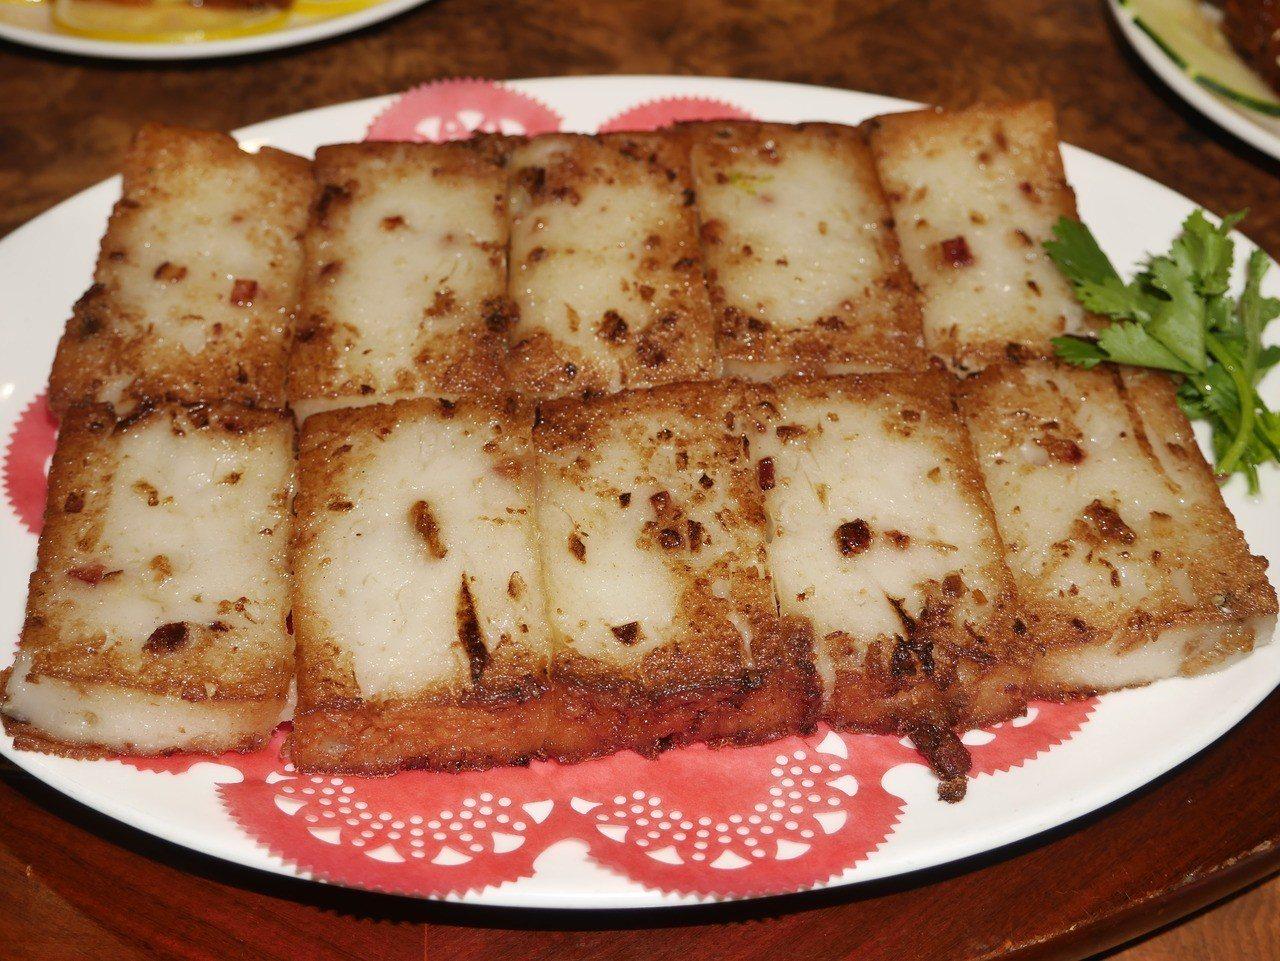 暖暖小館蘿蔔糕是季節限定,許多老饕爭相走告。記者吳淑君/攝影